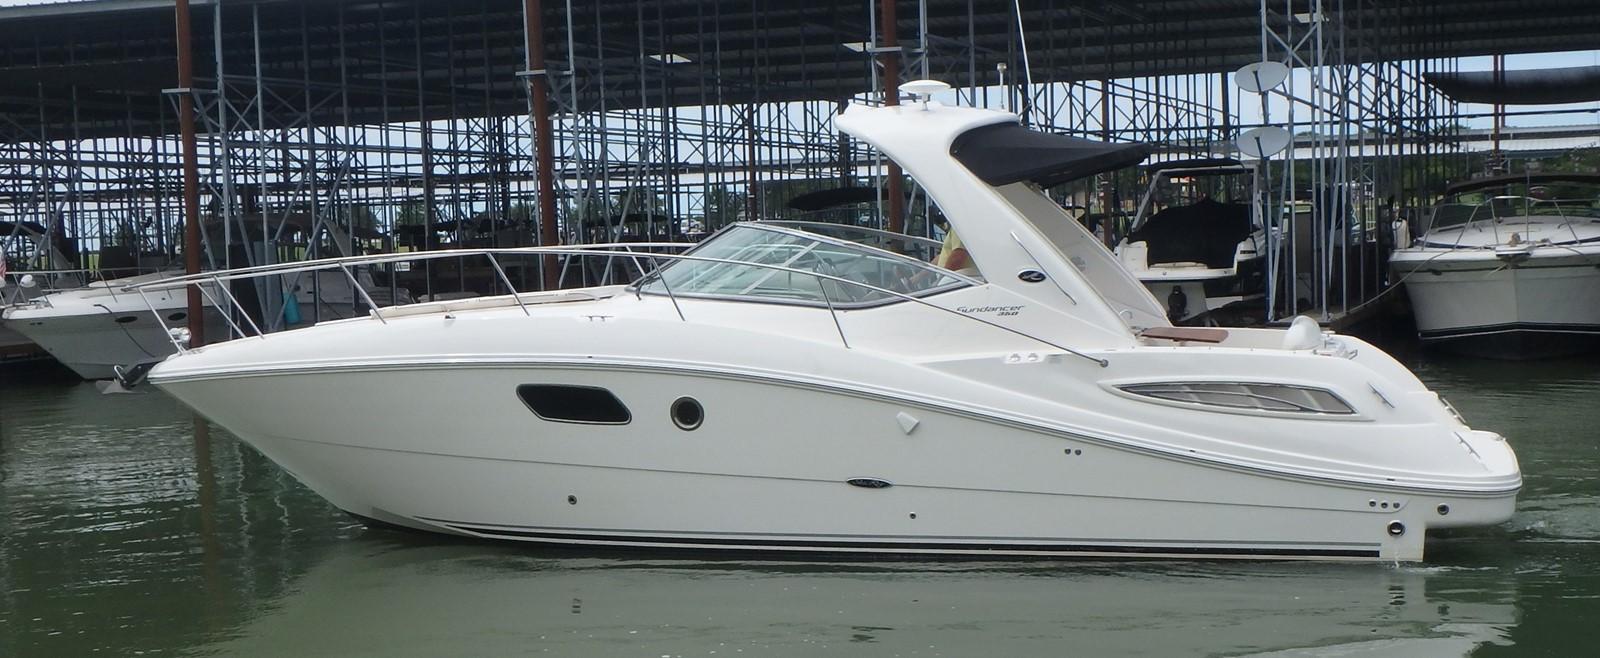 2011 SEA RAY 350 Sundancer Cruiser 1820005